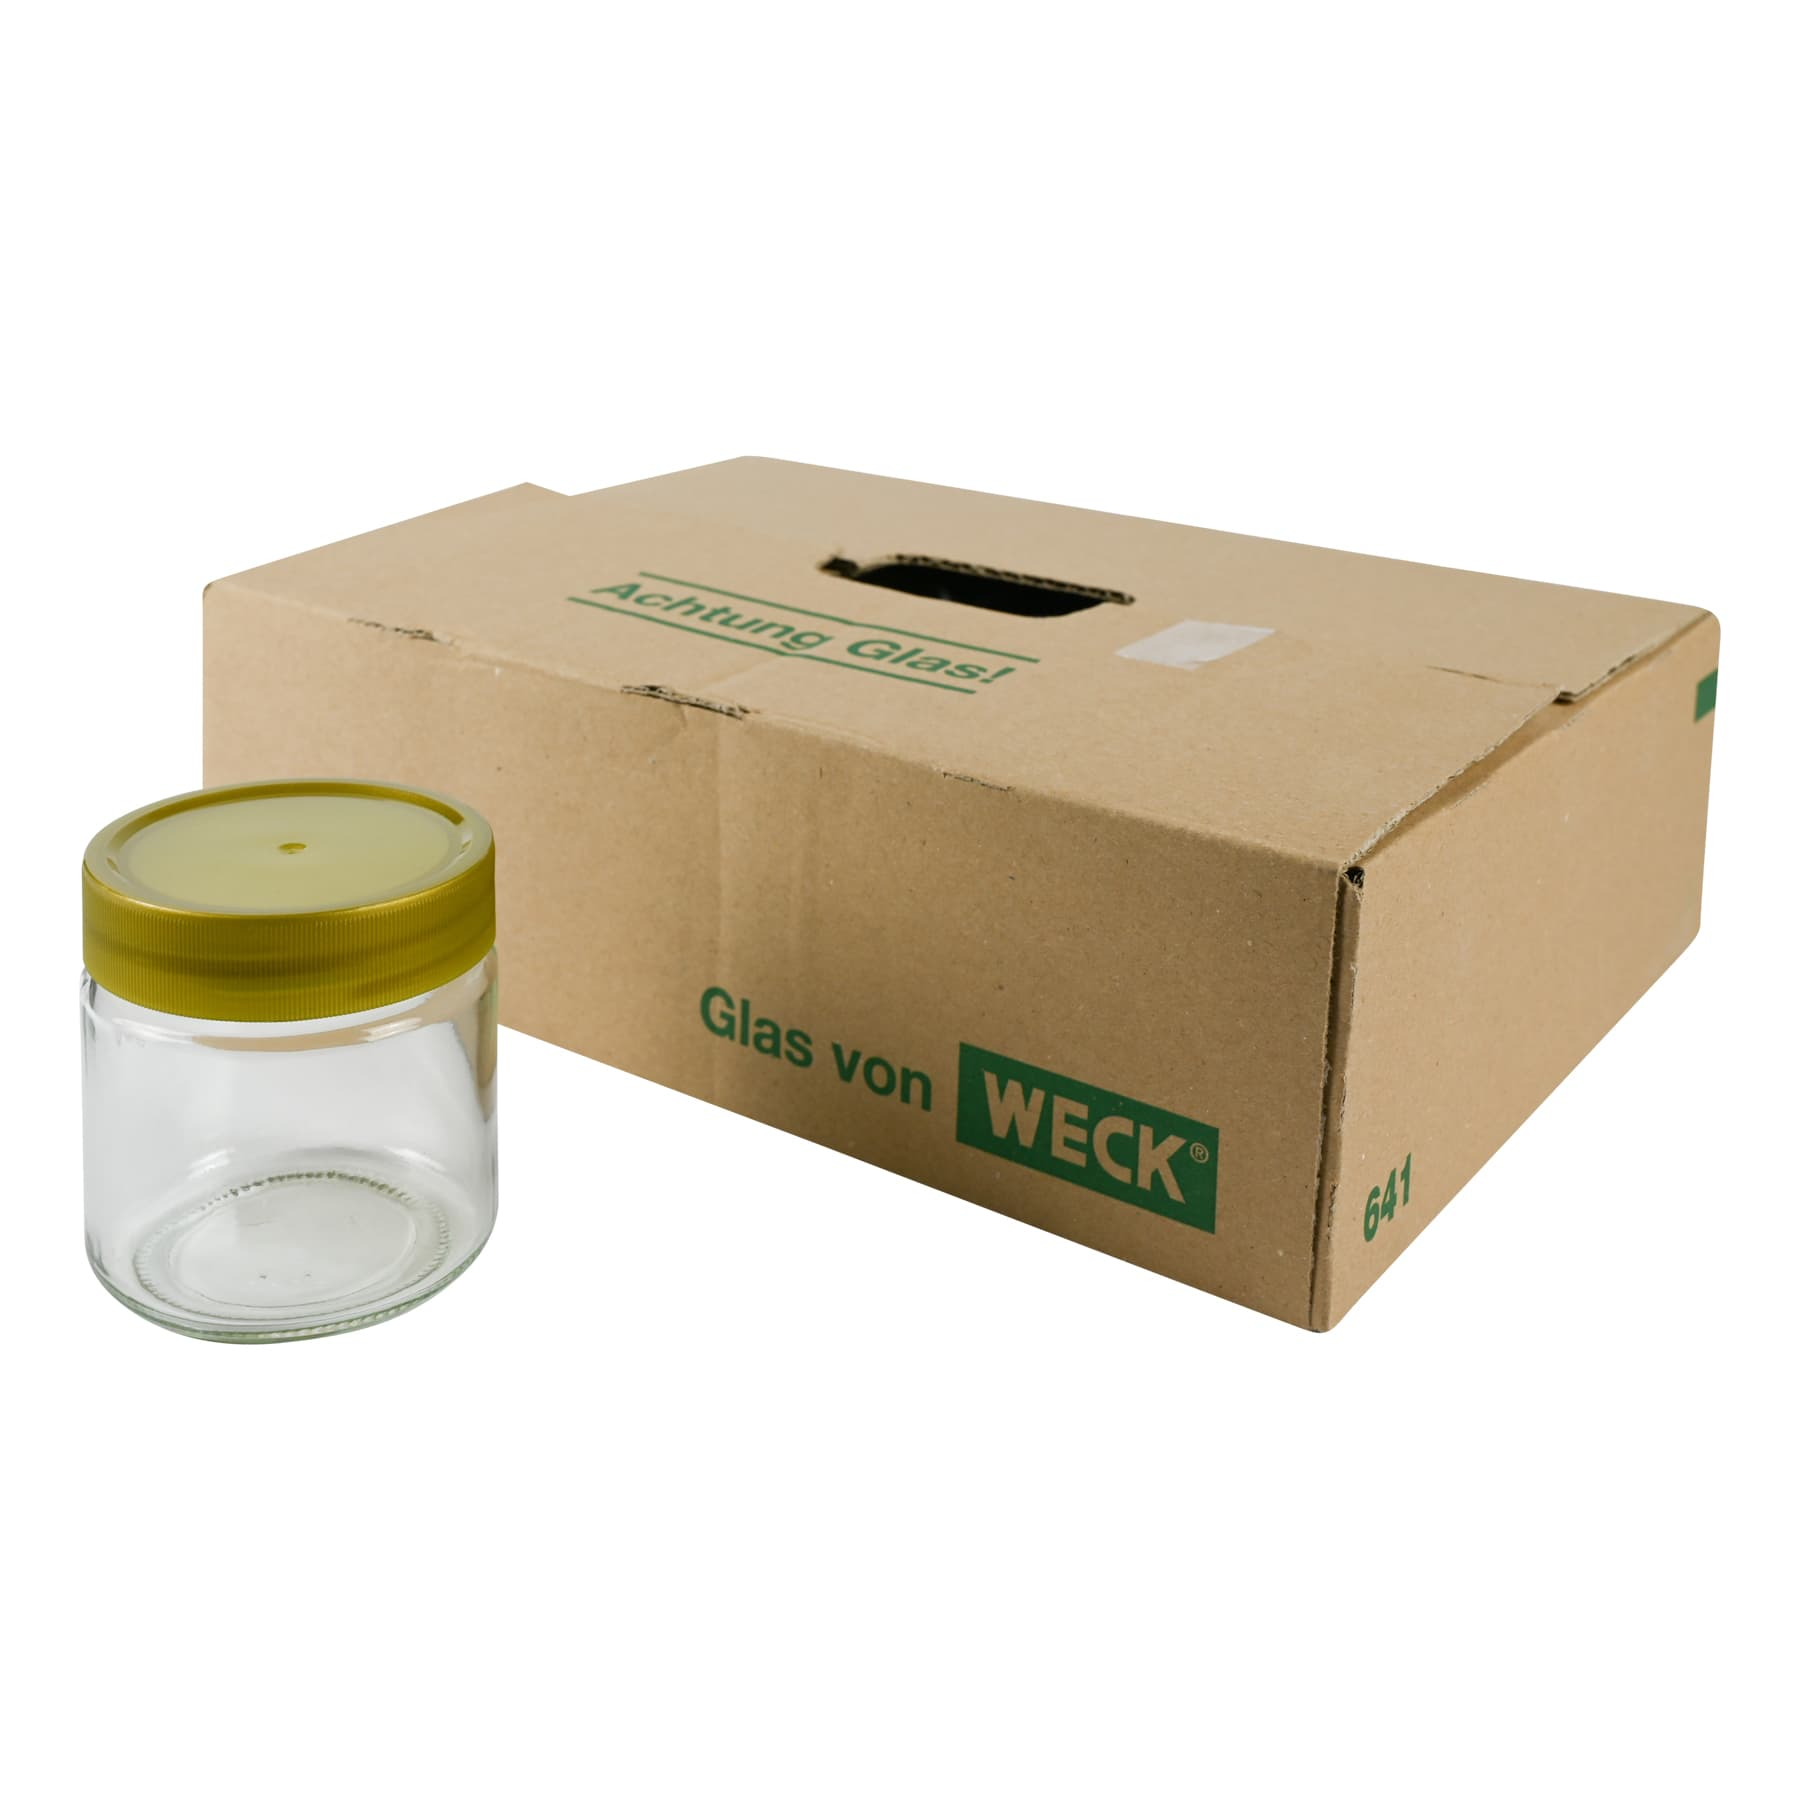 Rundglas 250 g mit Schraubdeckel 68 mm Kunststoff, im Karton, 3780 St. (Art.641) bundesweit frei Haus Deckel werden i.d.Regel separat per DHL gesendet